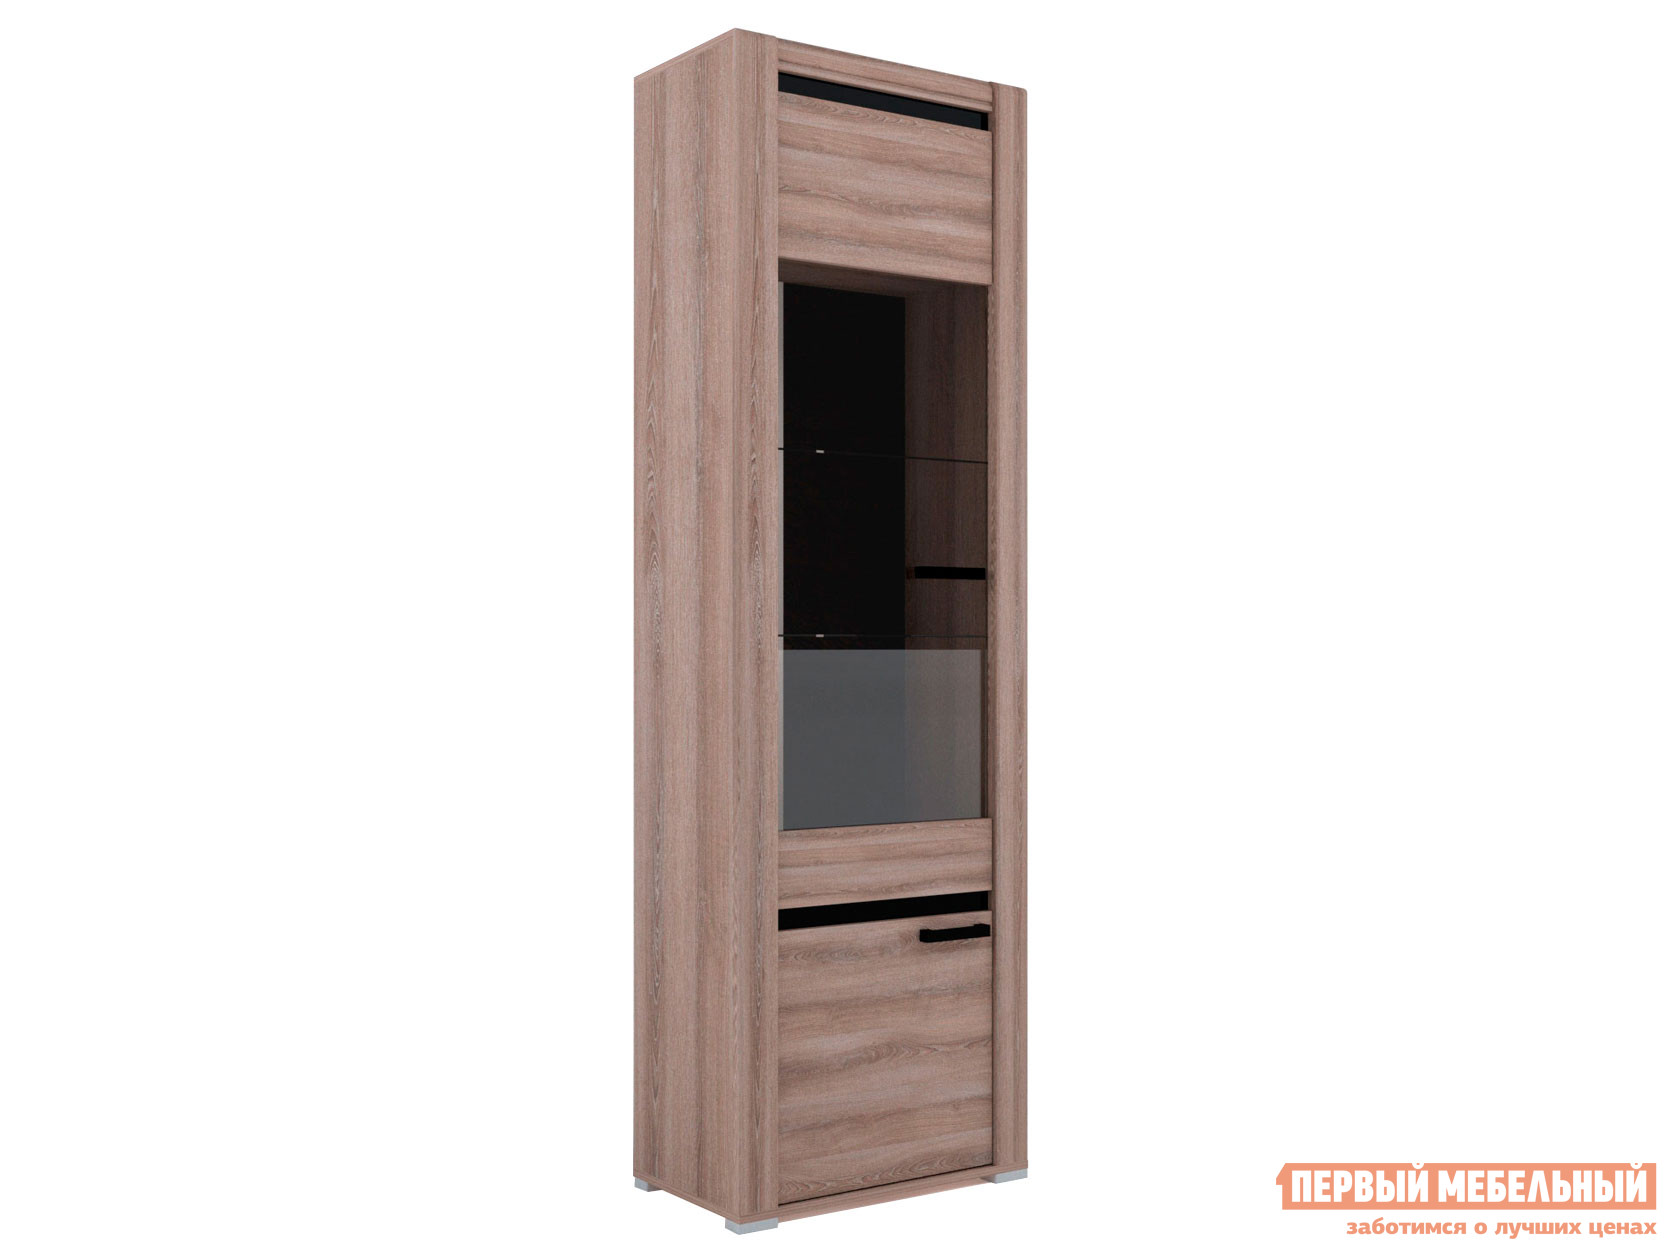 Шкаф-витрина Первый Мебельный Бруна Б-2 шкаф со стеклом